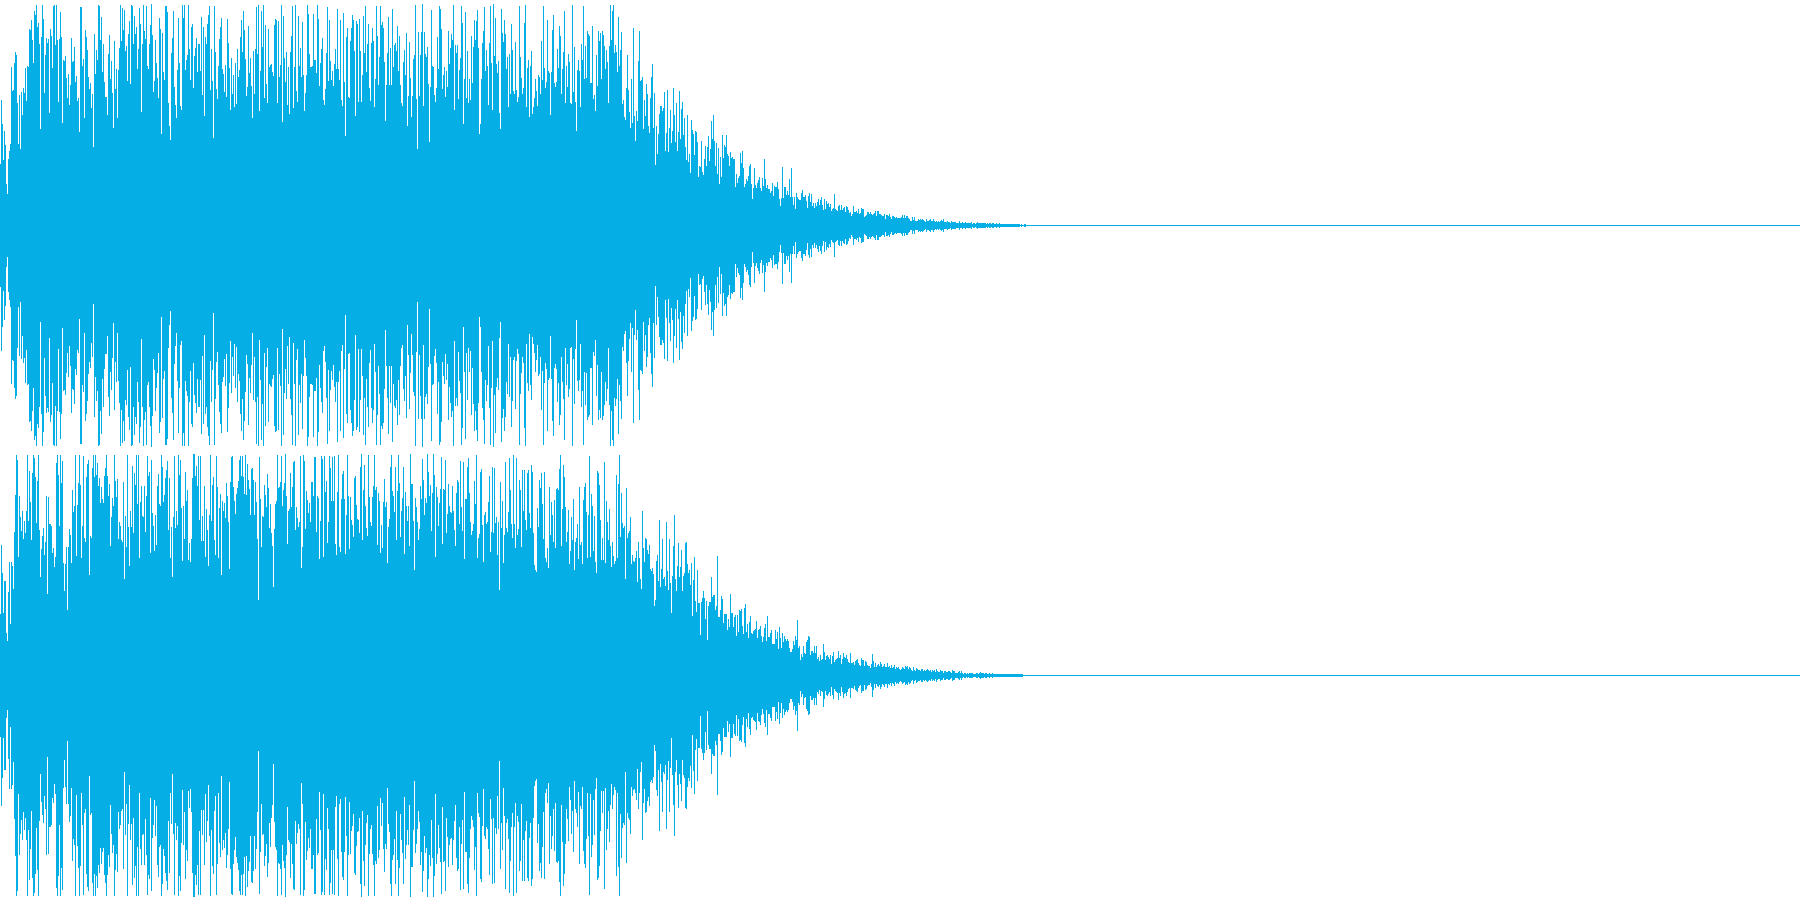 FX・SE/シンプルなドラの音の再生済みの波形